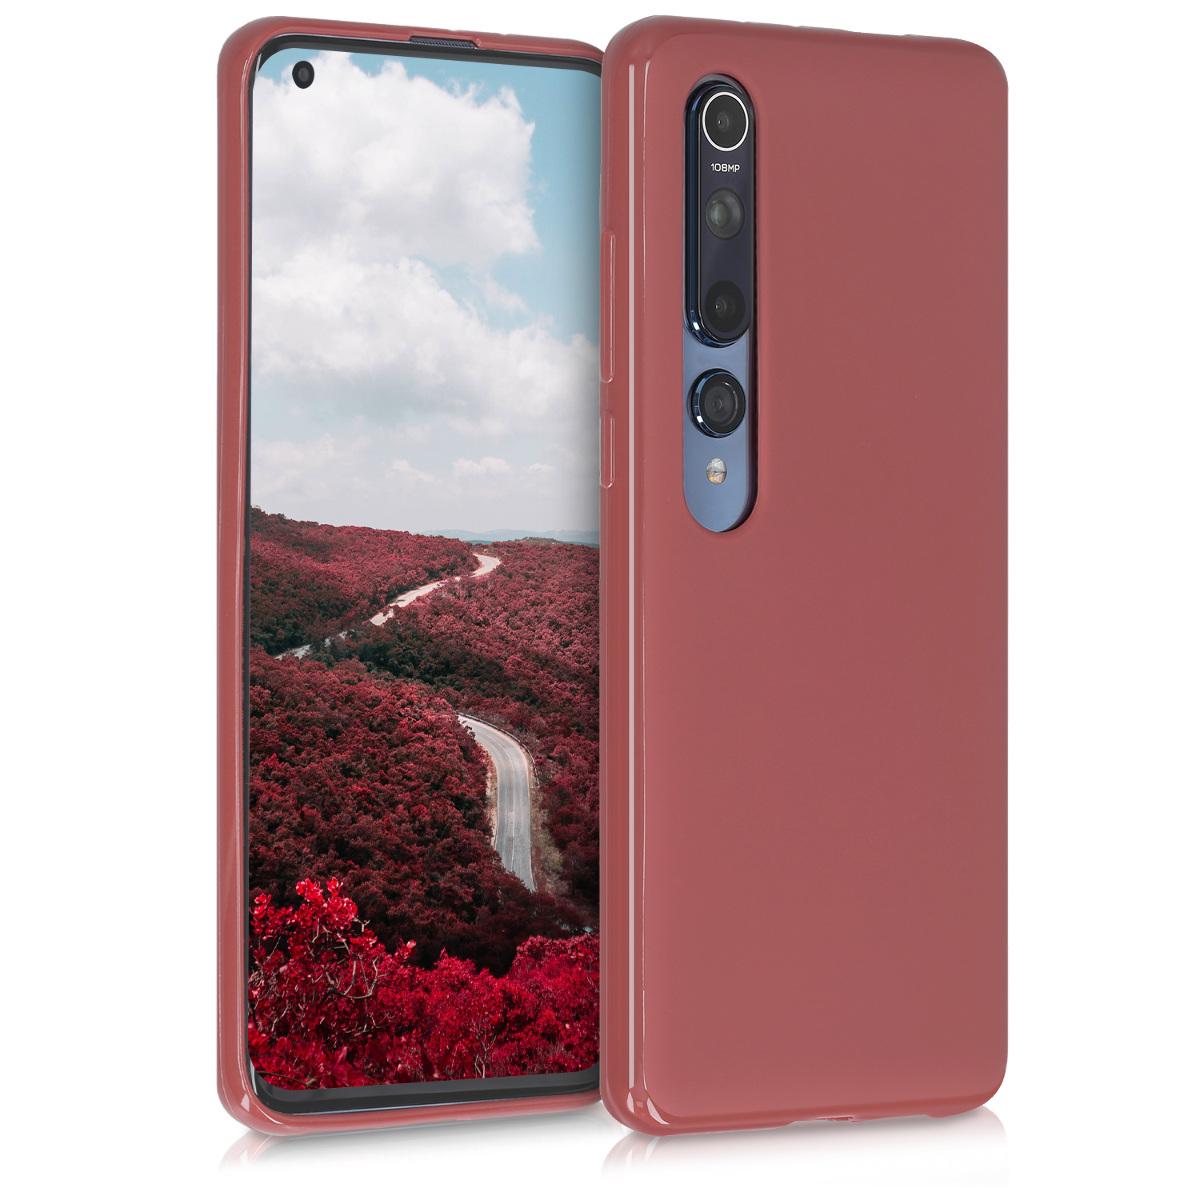 Tenké kaštanově červené silikonové pouzdro / obal pro Xiaomi Mi 10 / Mi 10 Pro